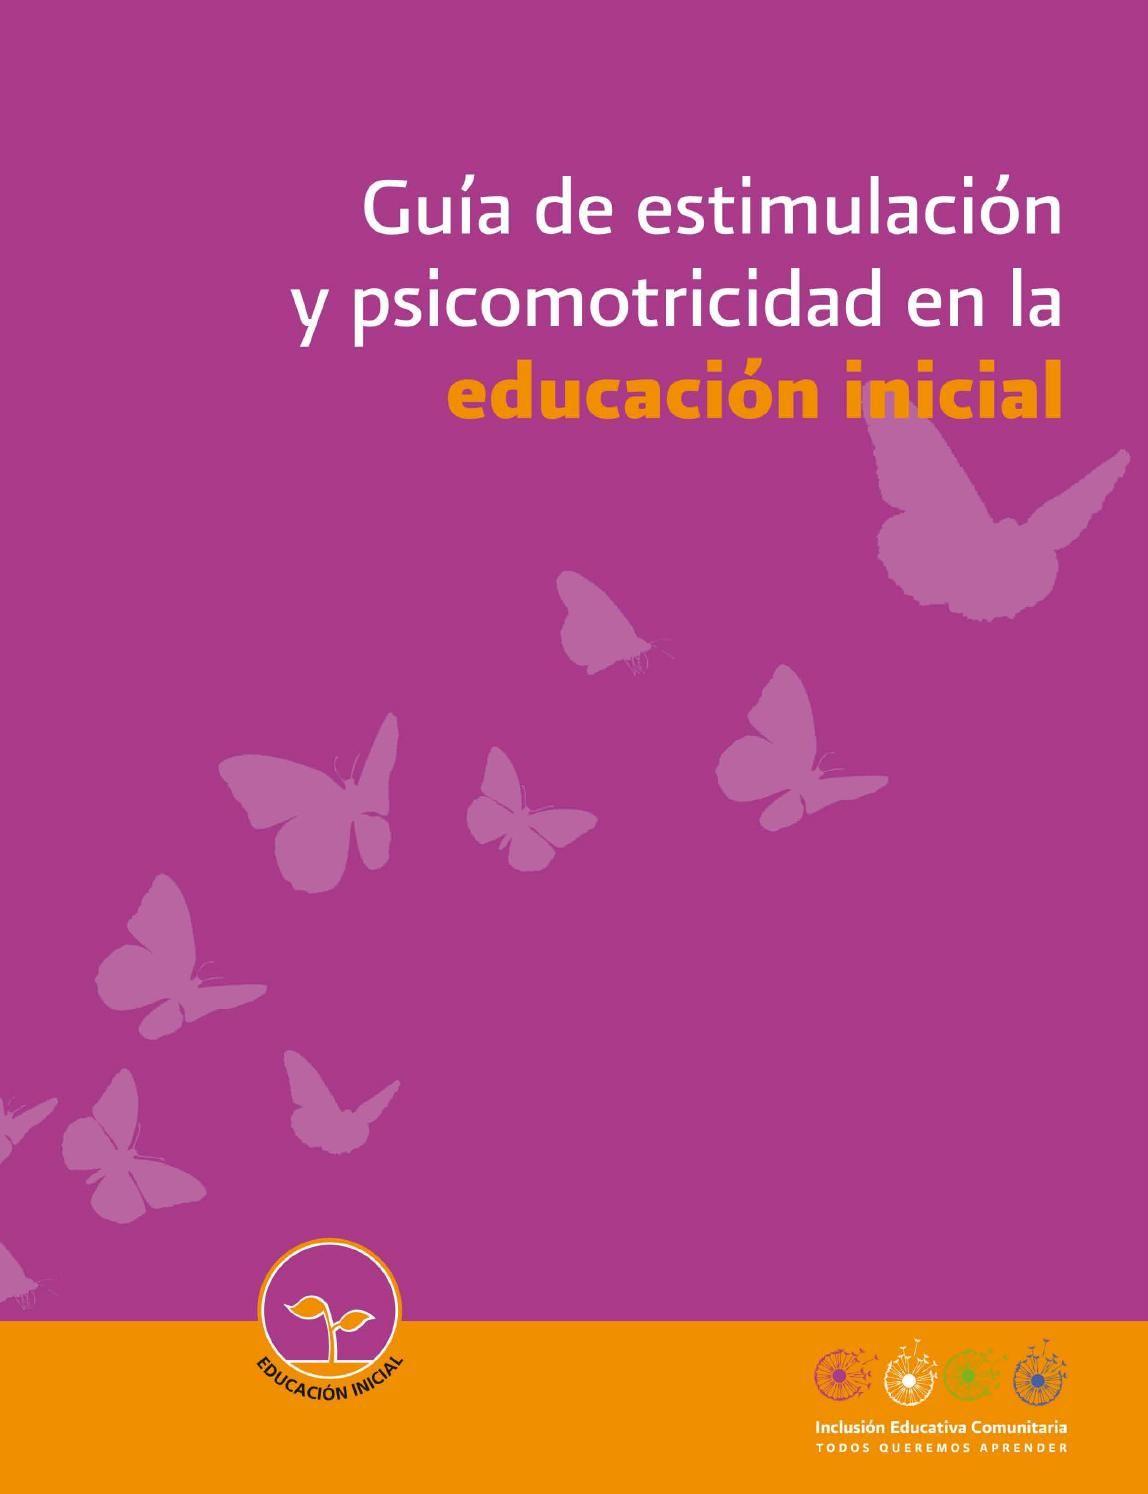 Conafe Guia De Estimulacion Y Psicomotricidad En La Educacion Inicial Educacion Inicial Estimulación Temprana Proyectos Educacion Infantil